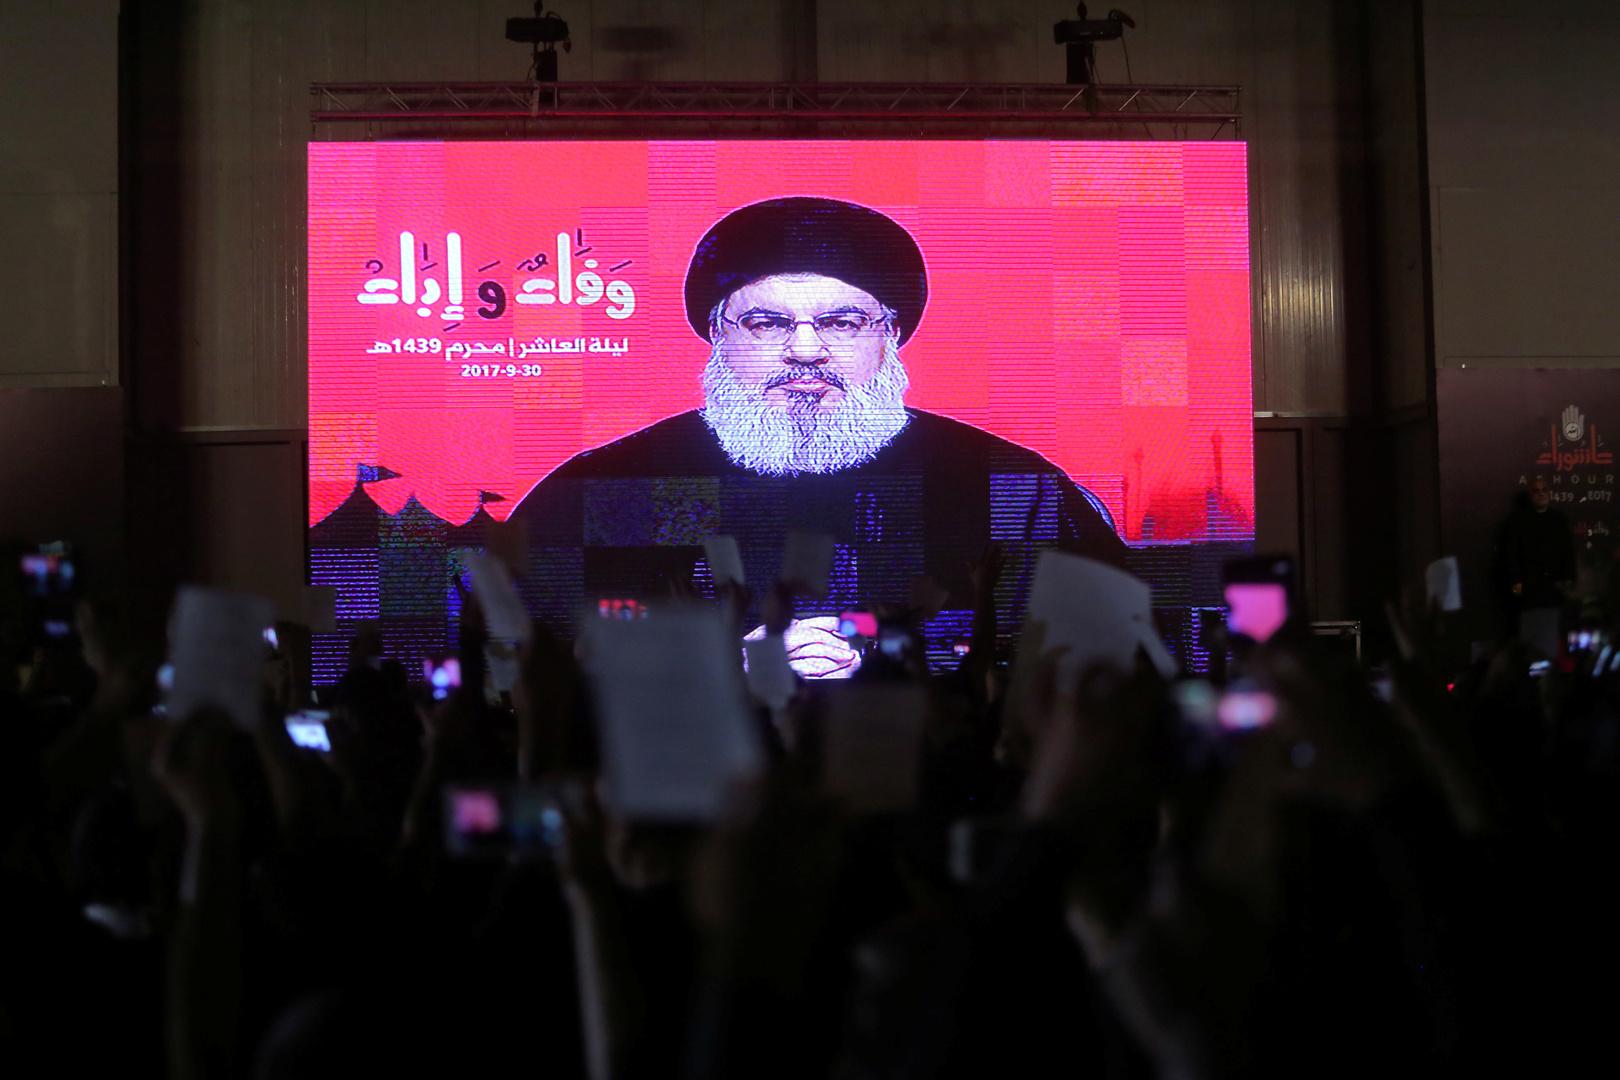 نصر الله: تجاوزنا المرحلة التي كانت تهدد بحرب طائفية ومذهبية على امتداد العالم الإسلامي